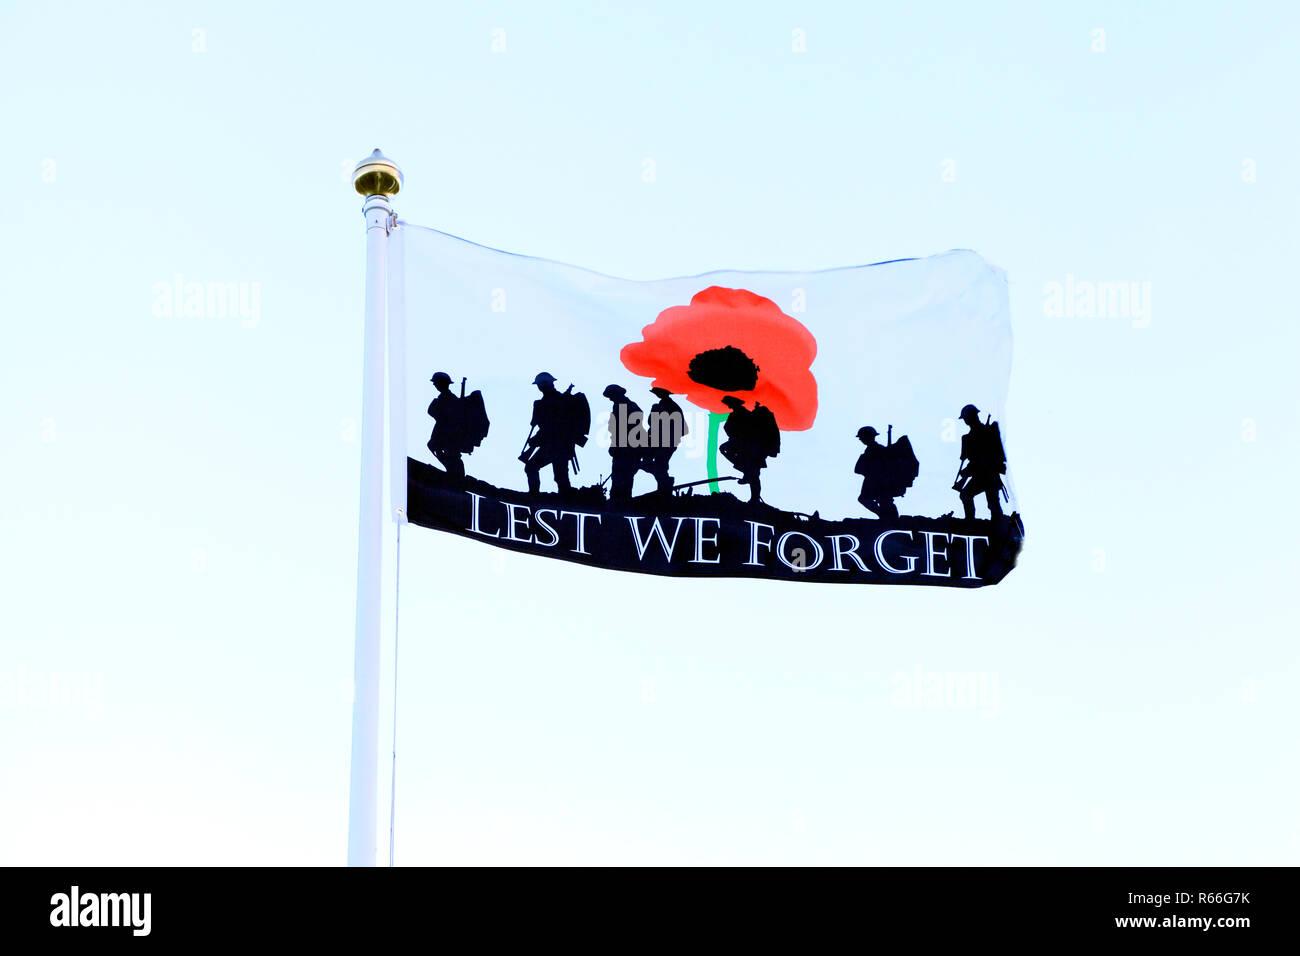 Damit wir es nicht vergessen, Erinnerung, Flagge, Fahne, gefallenen Helden, Militär, wollen wir Sie, Großbritannien erinnern Stockbild